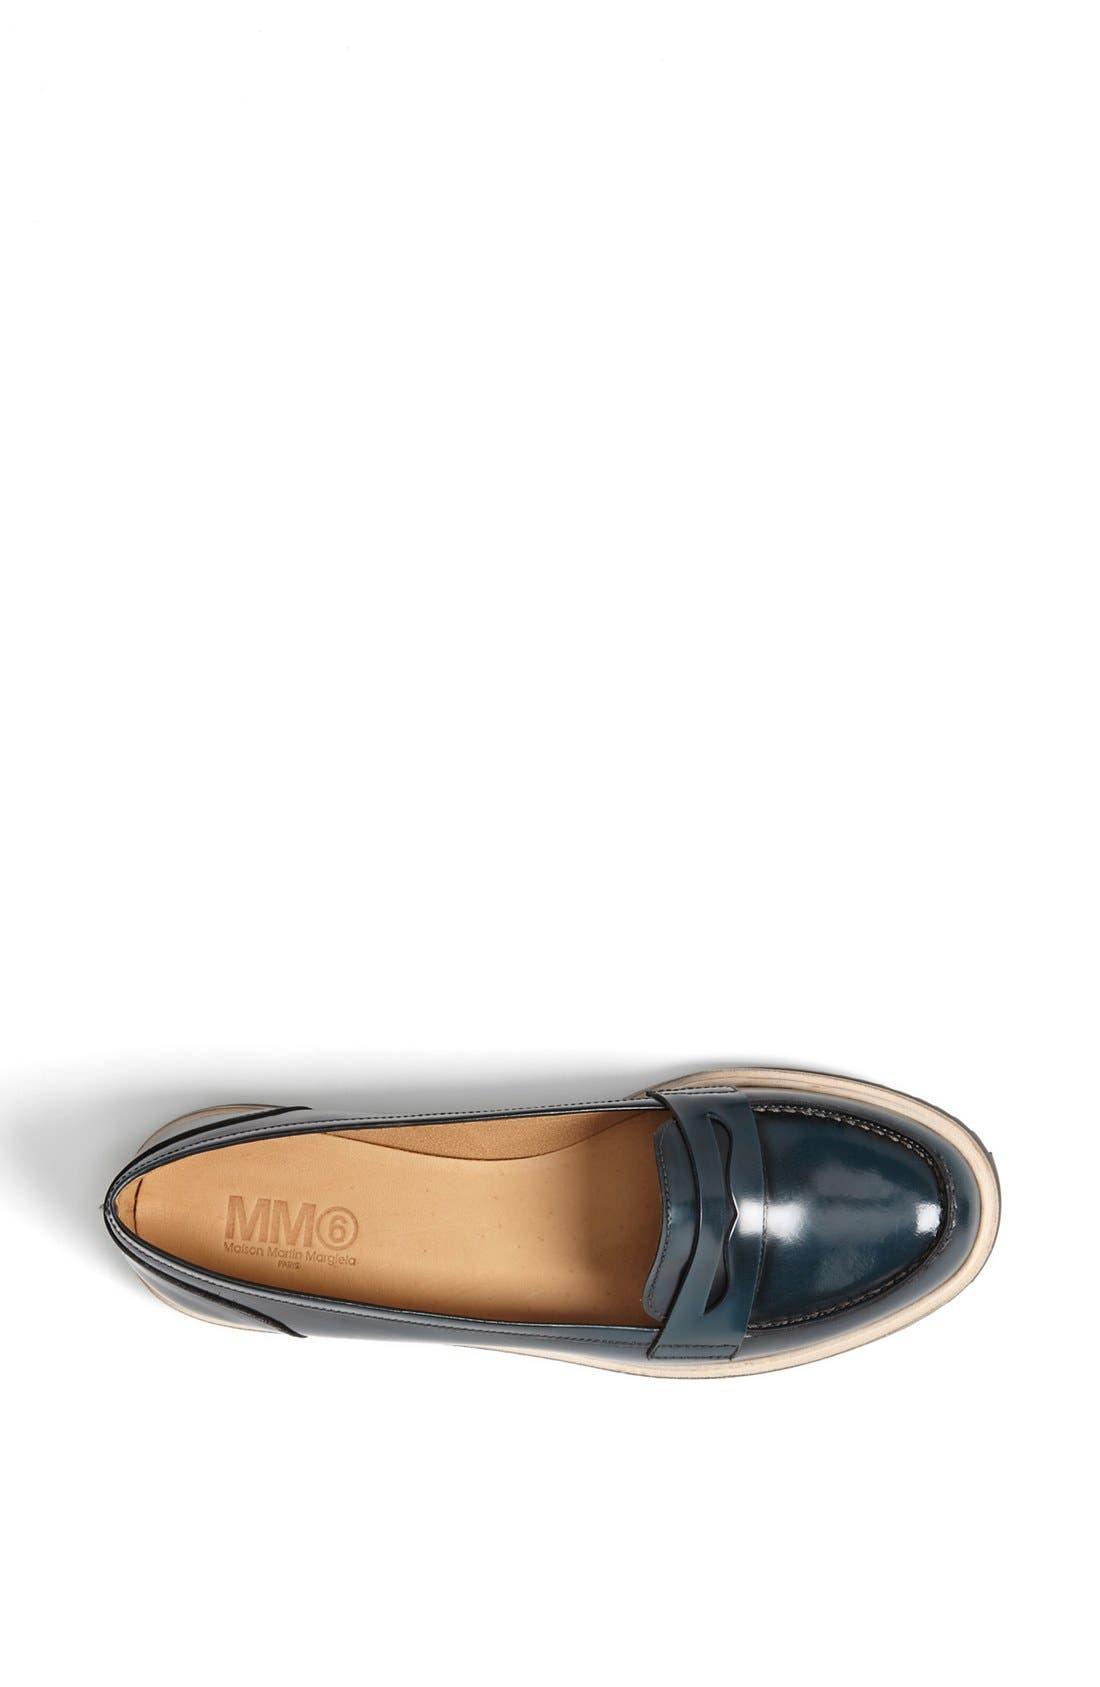 Alternate Image 3  - MM6 Maison Margiela Moccasin Loafer